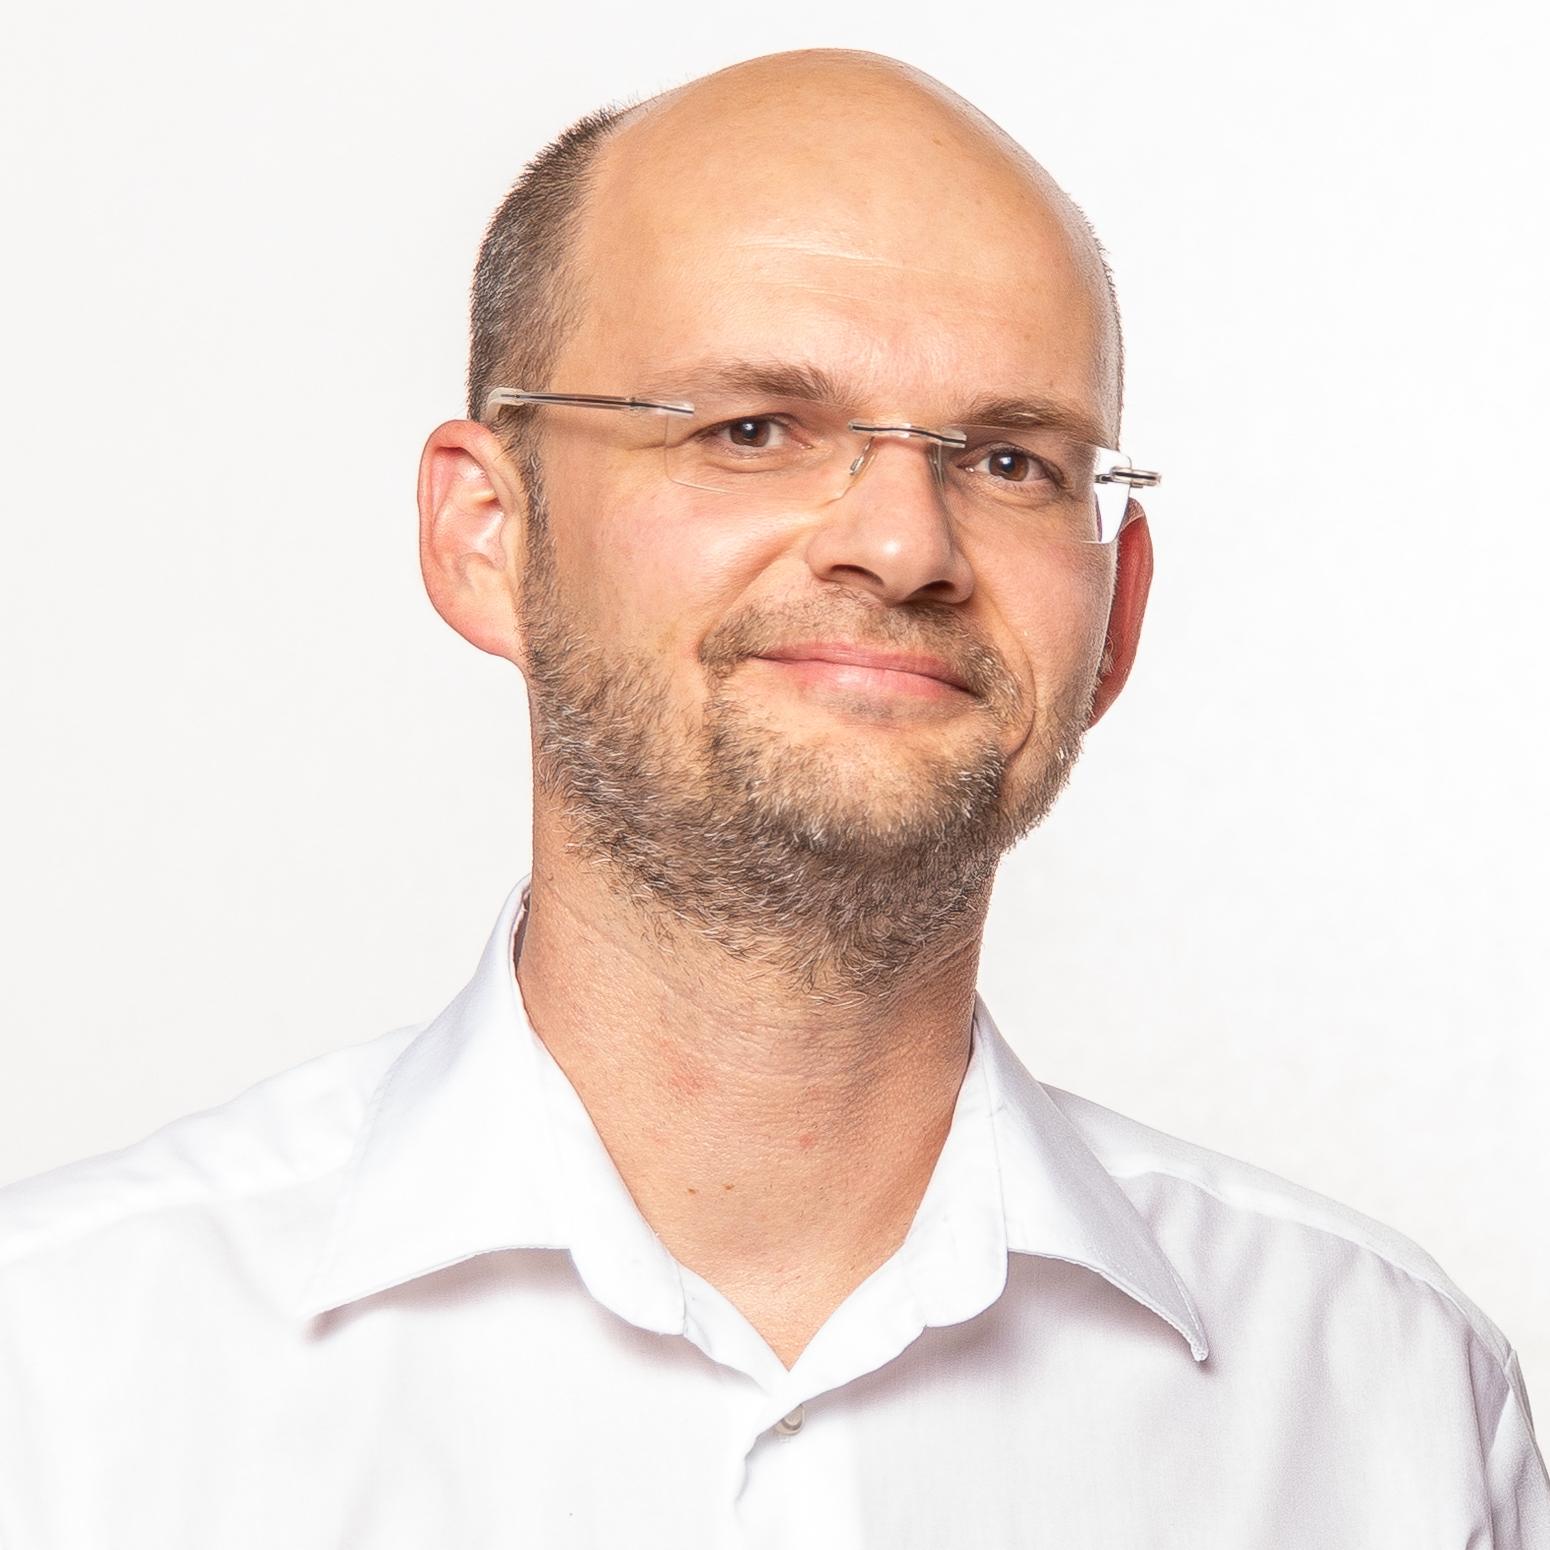 Thomas Schaarschmidt